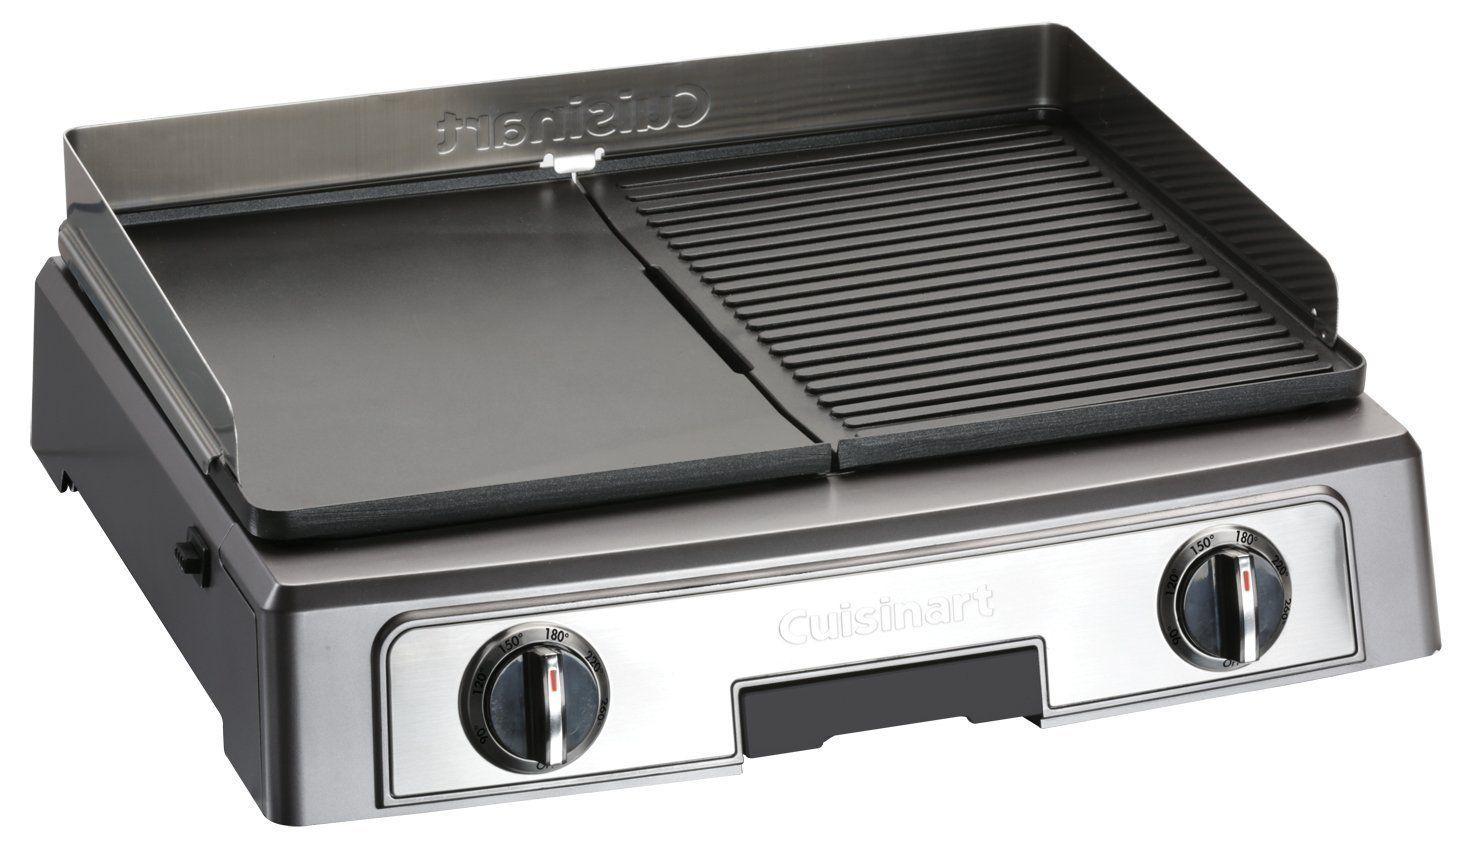 Cuisinart Plancha Barbecue Power PL50E Plancha multifonctions: Amazon.fr: Cuisine & Maison